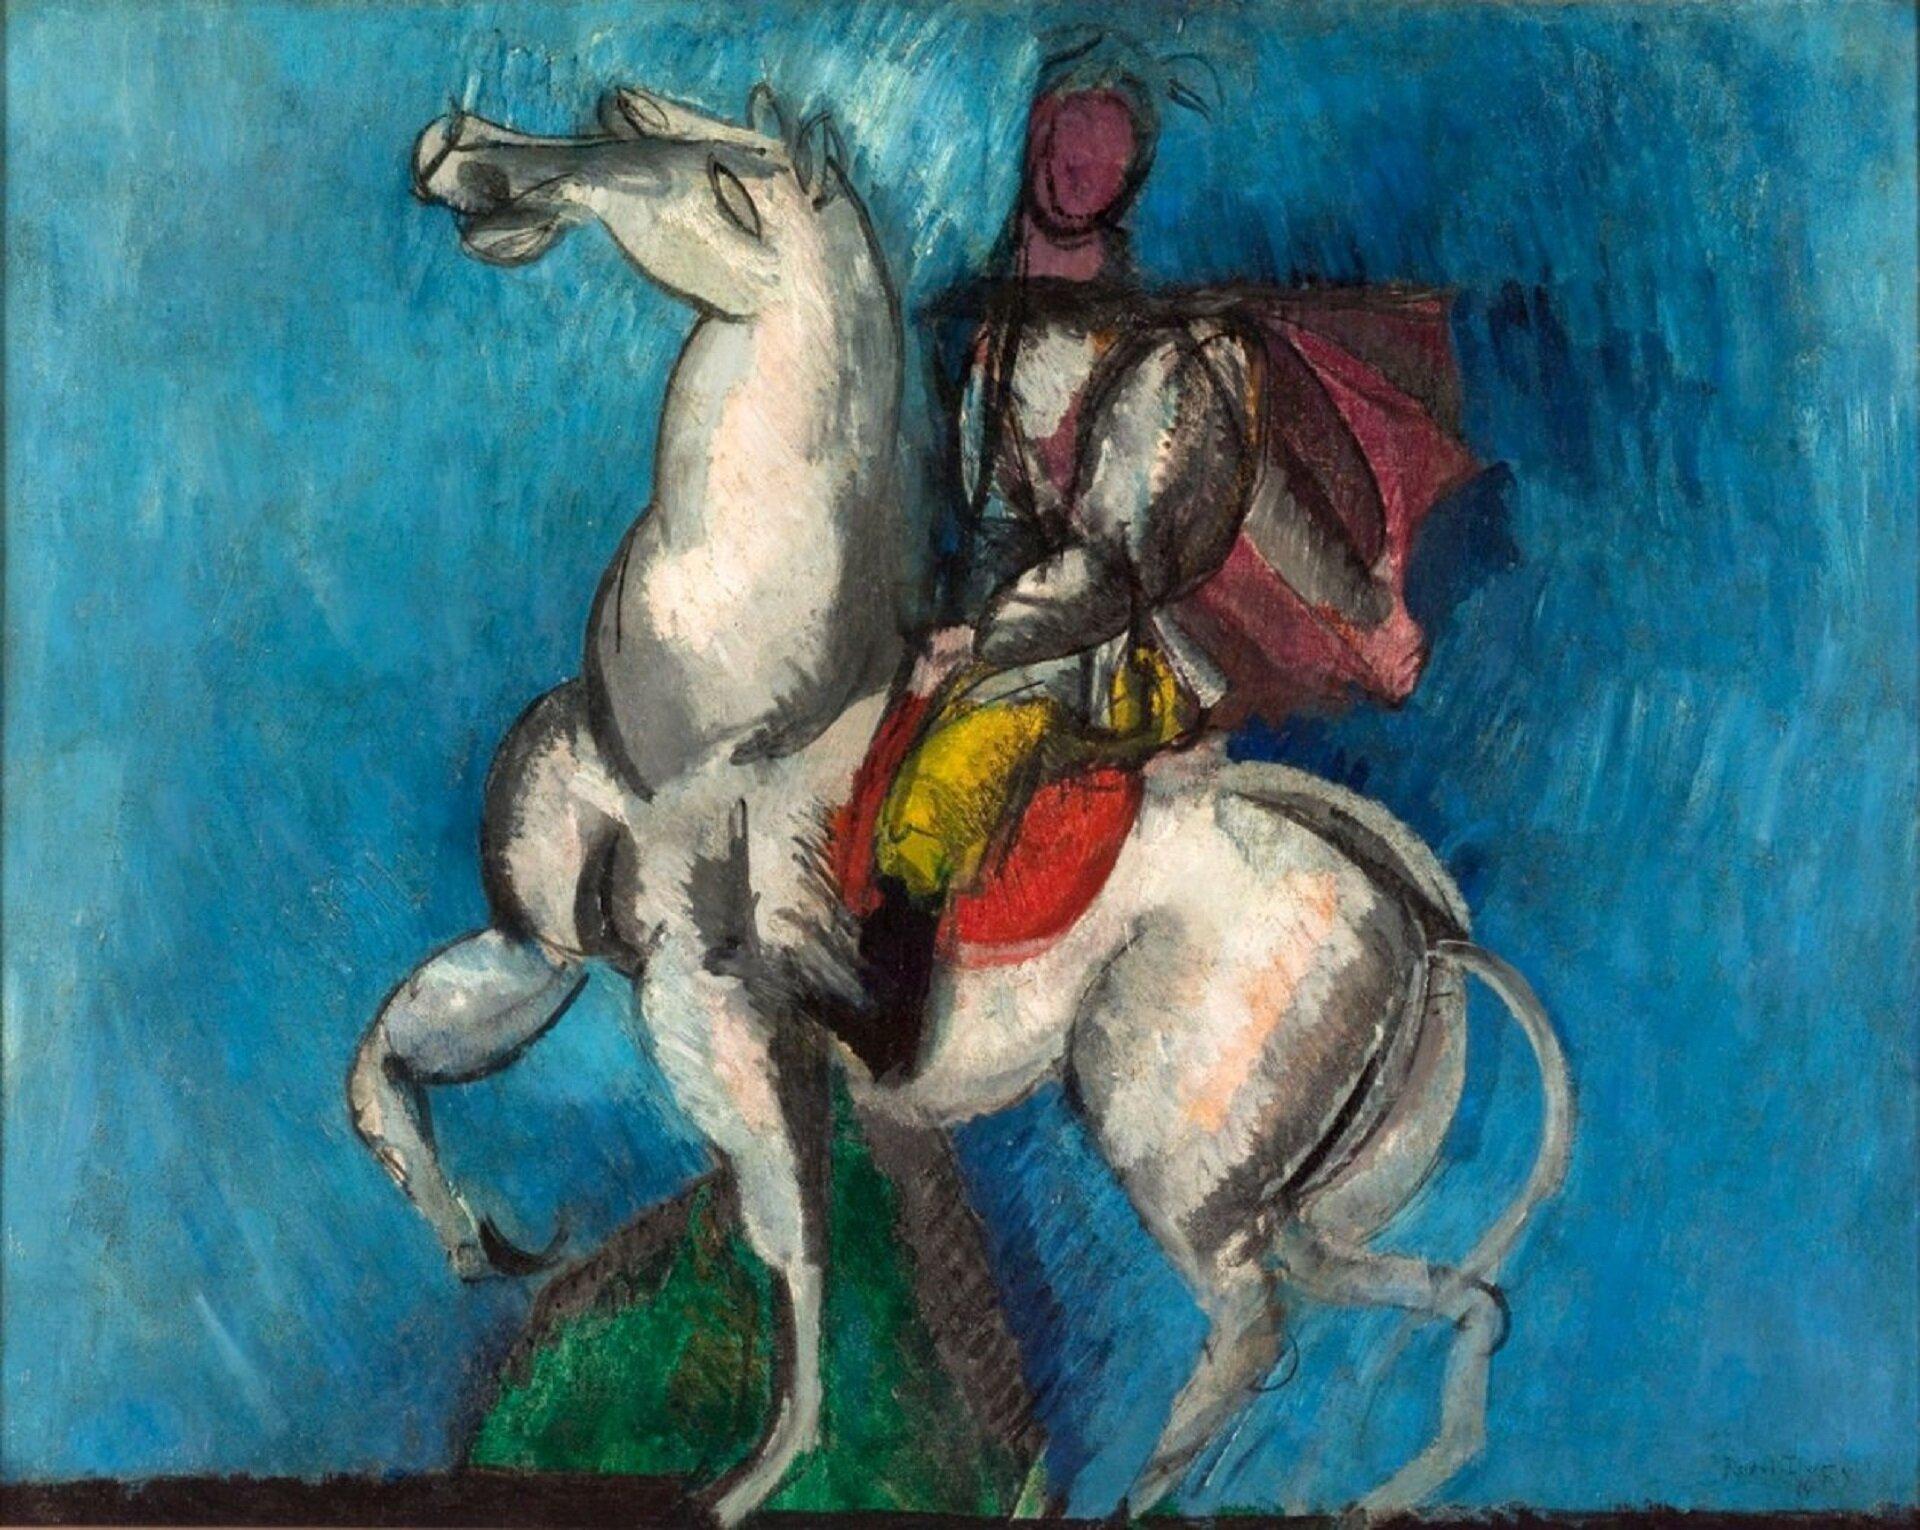 """Ilustracja przedstawia obraz Raoula Dufy'ego """"Biały jeździec"""". Na obrazie ukazany jest koń białej maści oraz ujeżdżający go rycerz. Postać ubrana jest wzbroję oraz żółte spodnie. Tło zostało wykonane wniebieskich odcieniach."""